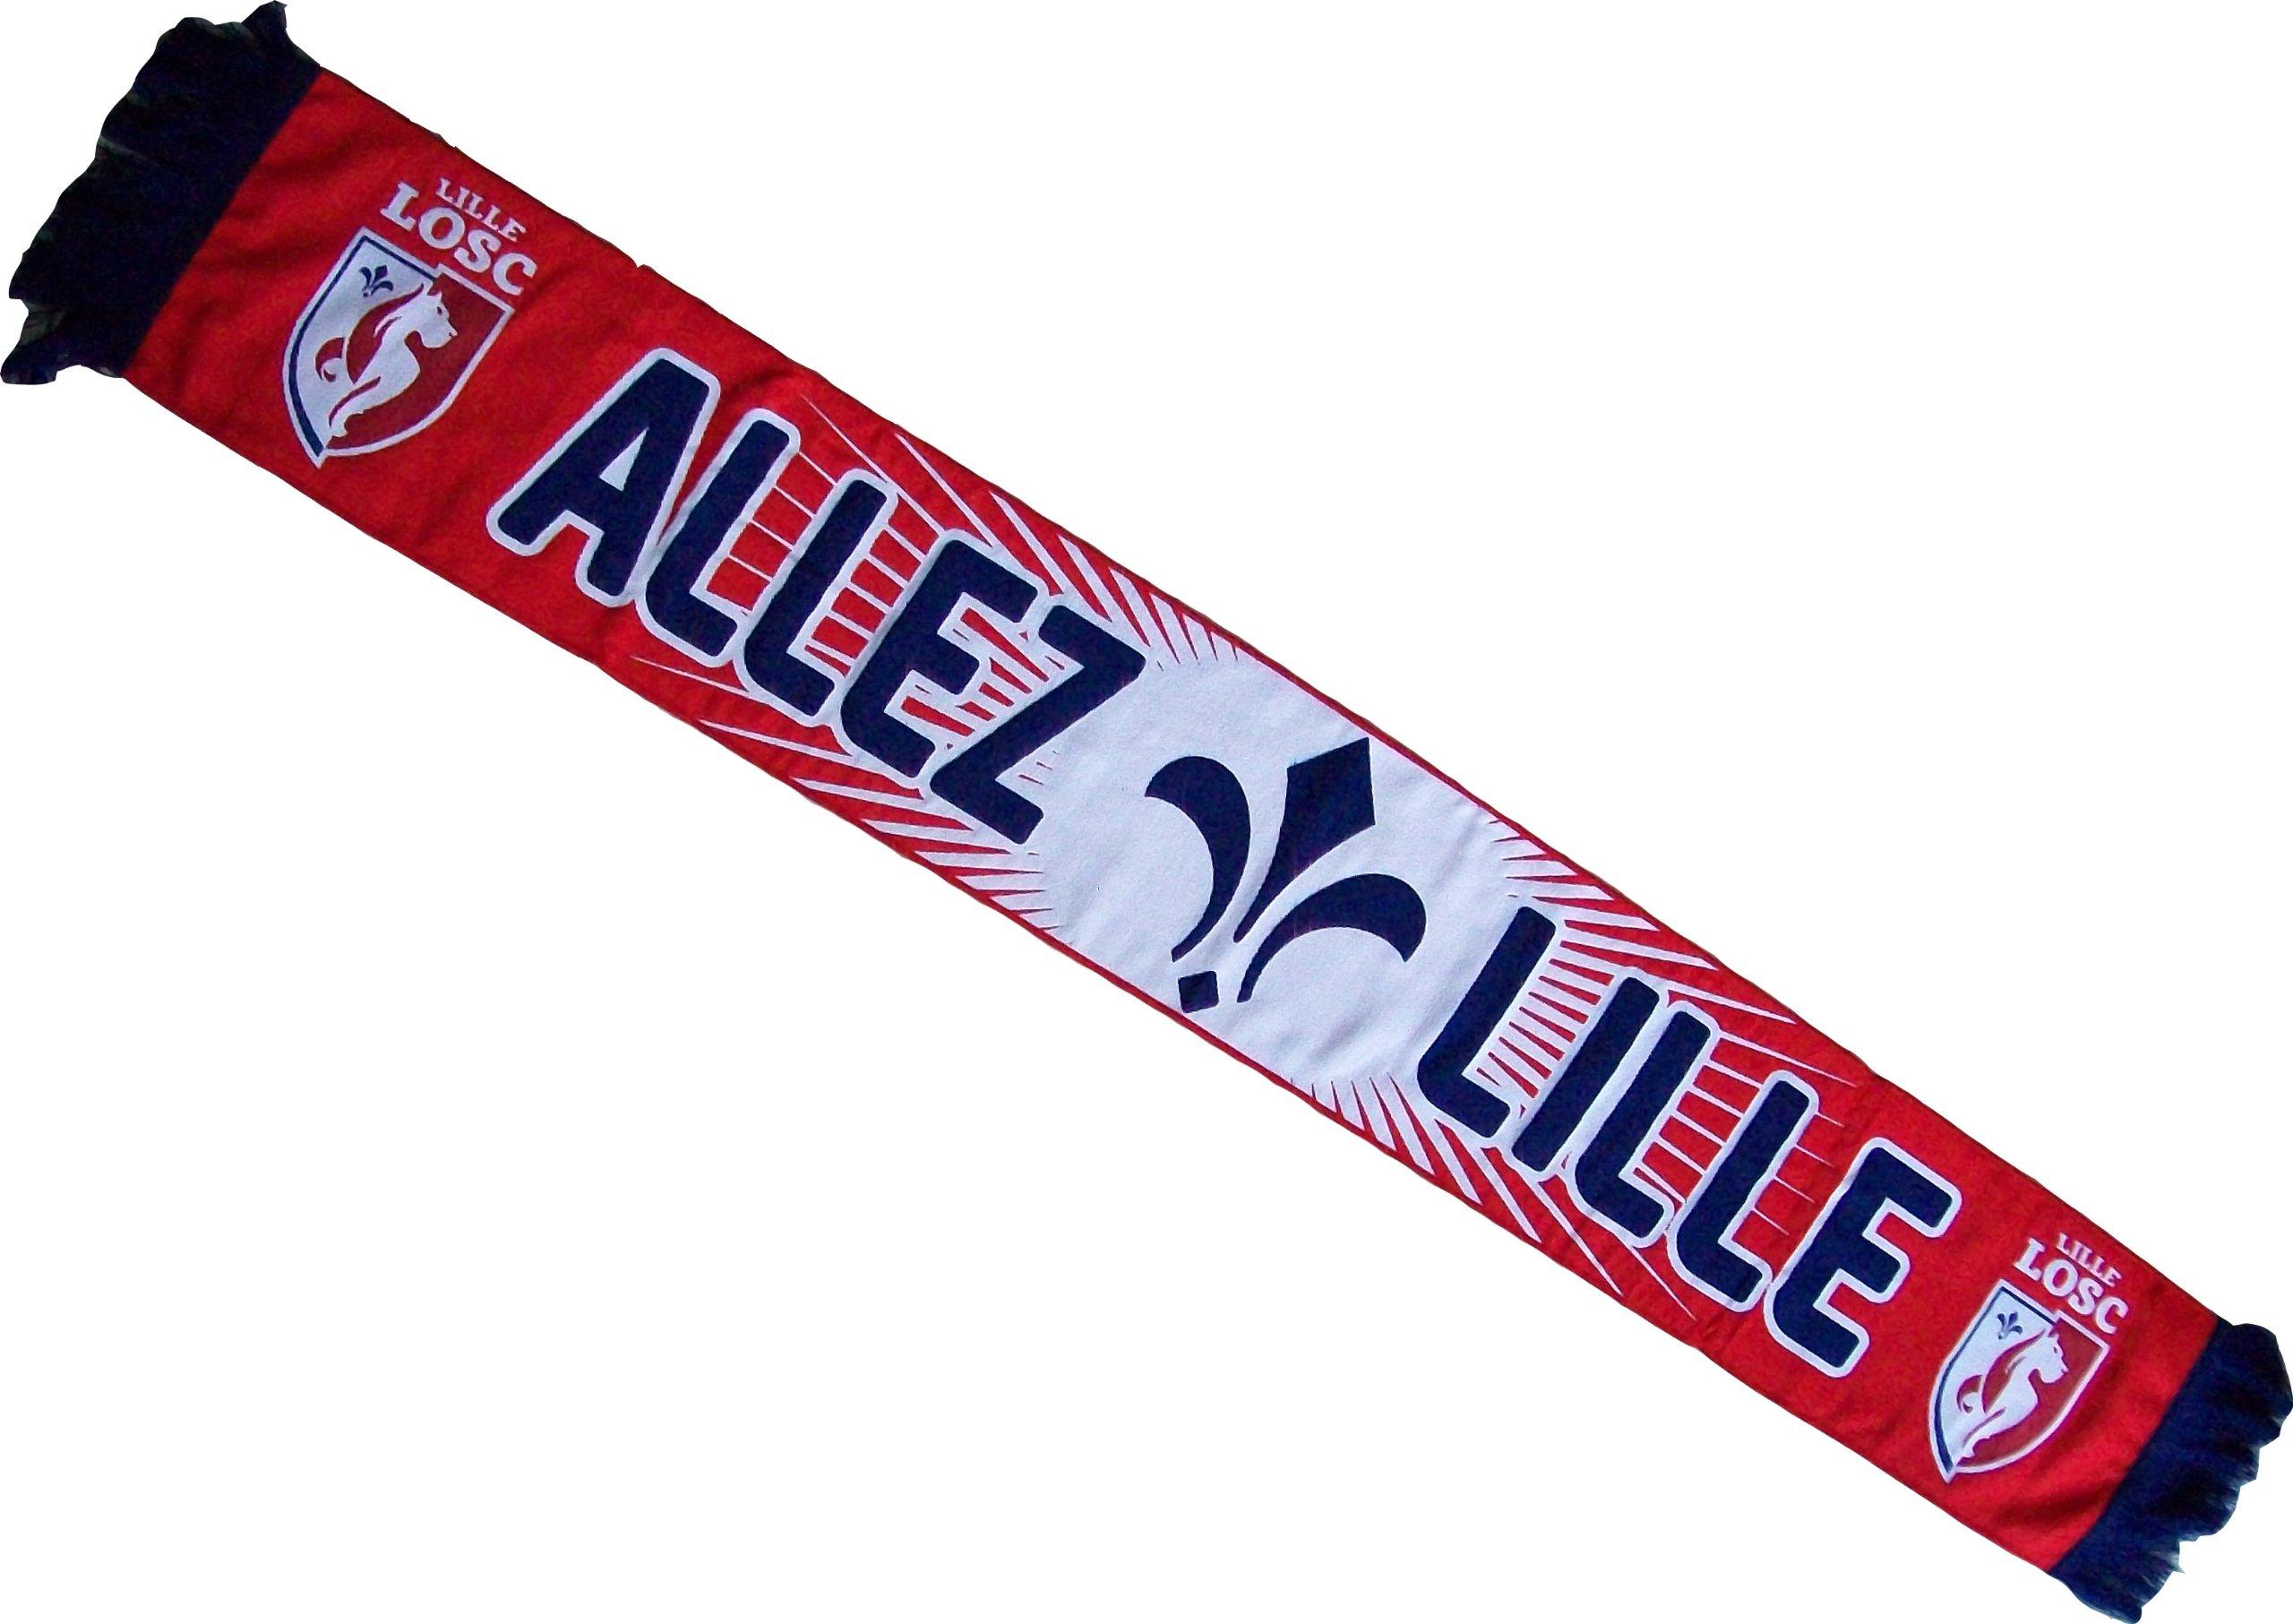 Lille Olympique Sporting Club - Sciarpa collezione ufficiale Lille Olympique Métropole LOSC, campion